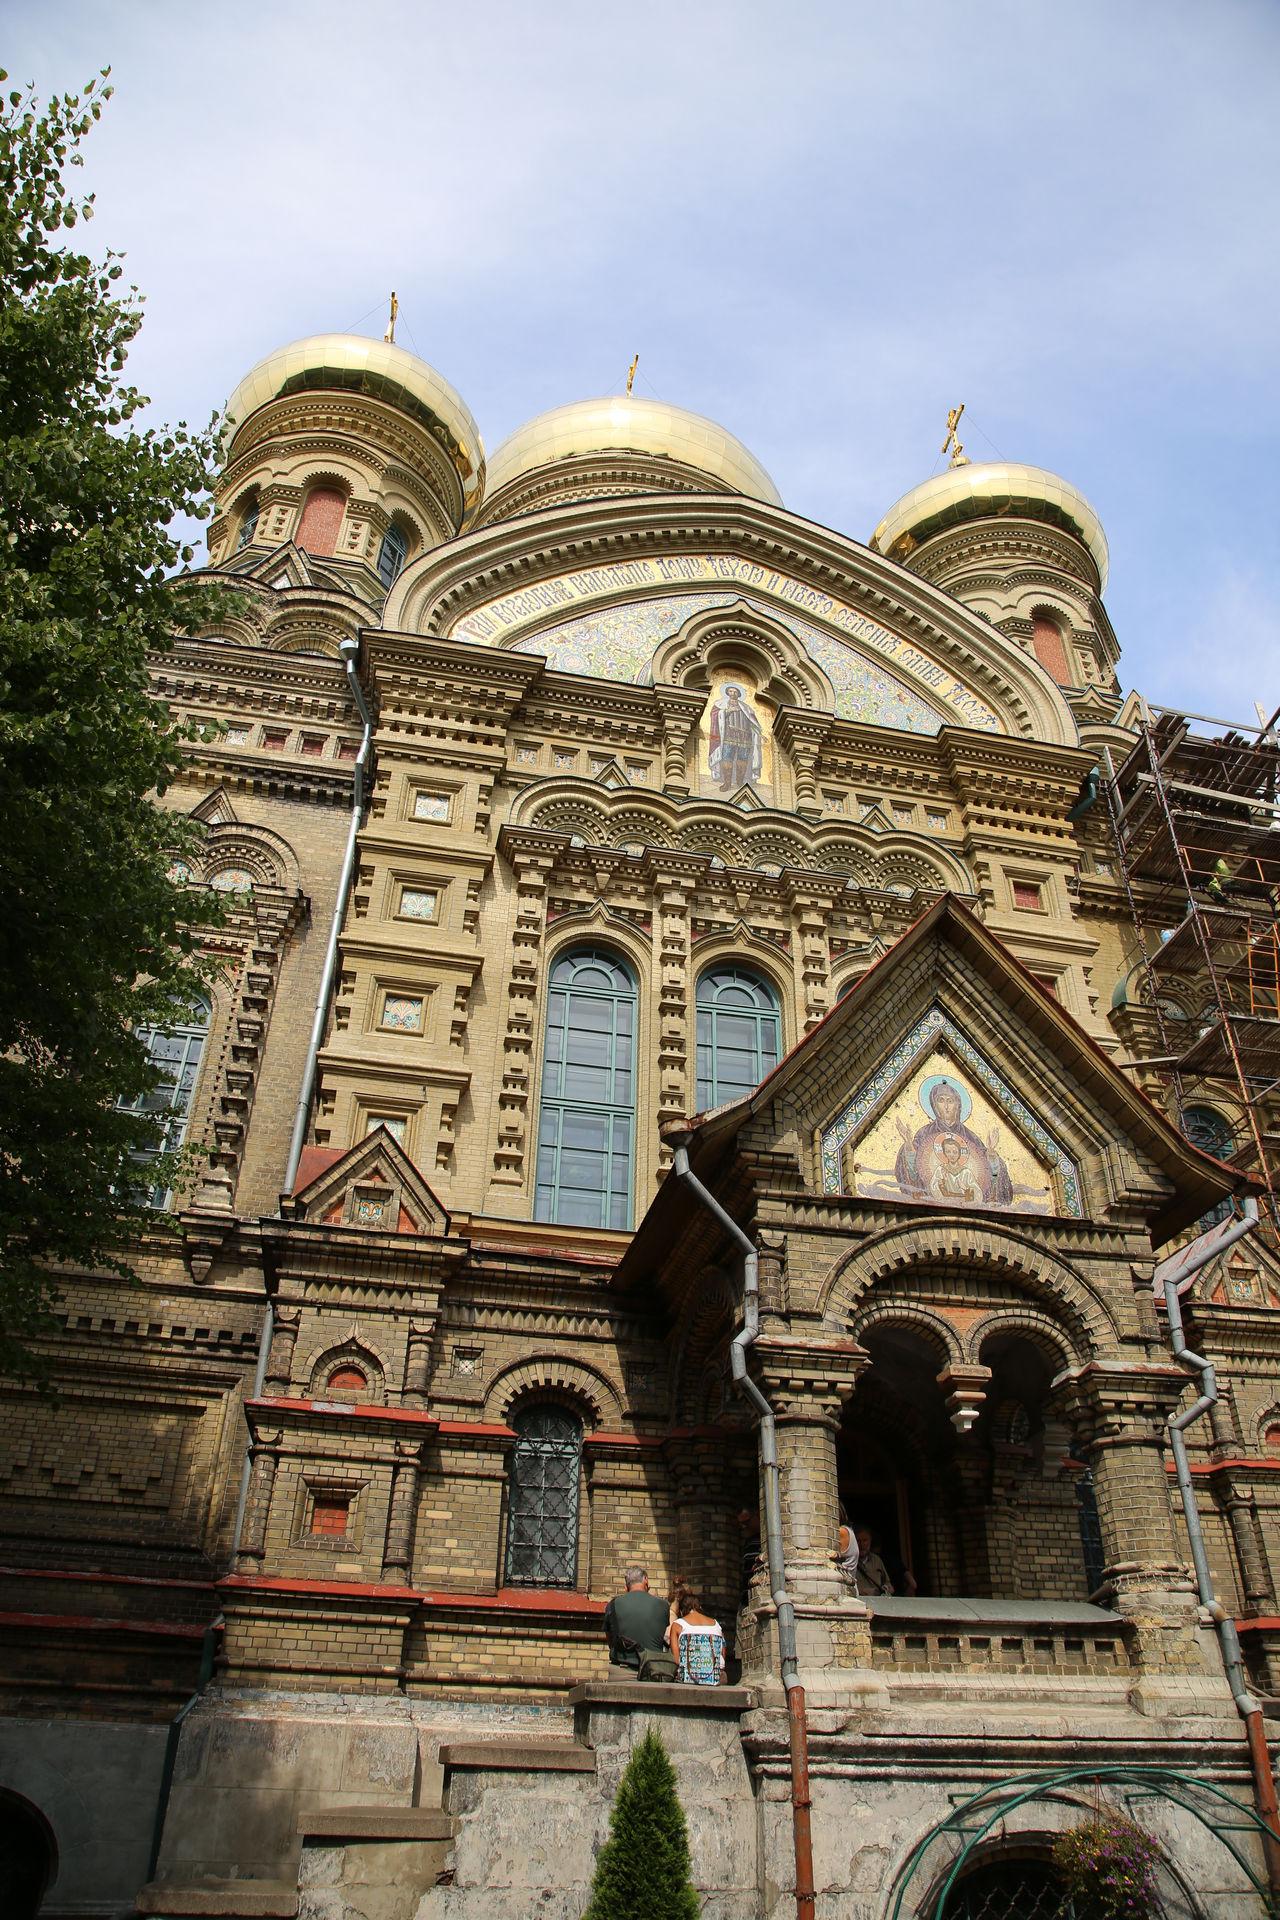 Cathedral Karosta Karosta, Liepaja Kathedrale Latvia Lettland  Liepaja Reisen In Lettland Religion Russian Orthodox Church Spirituality Travelling The Baltic States Zwiebeltürme